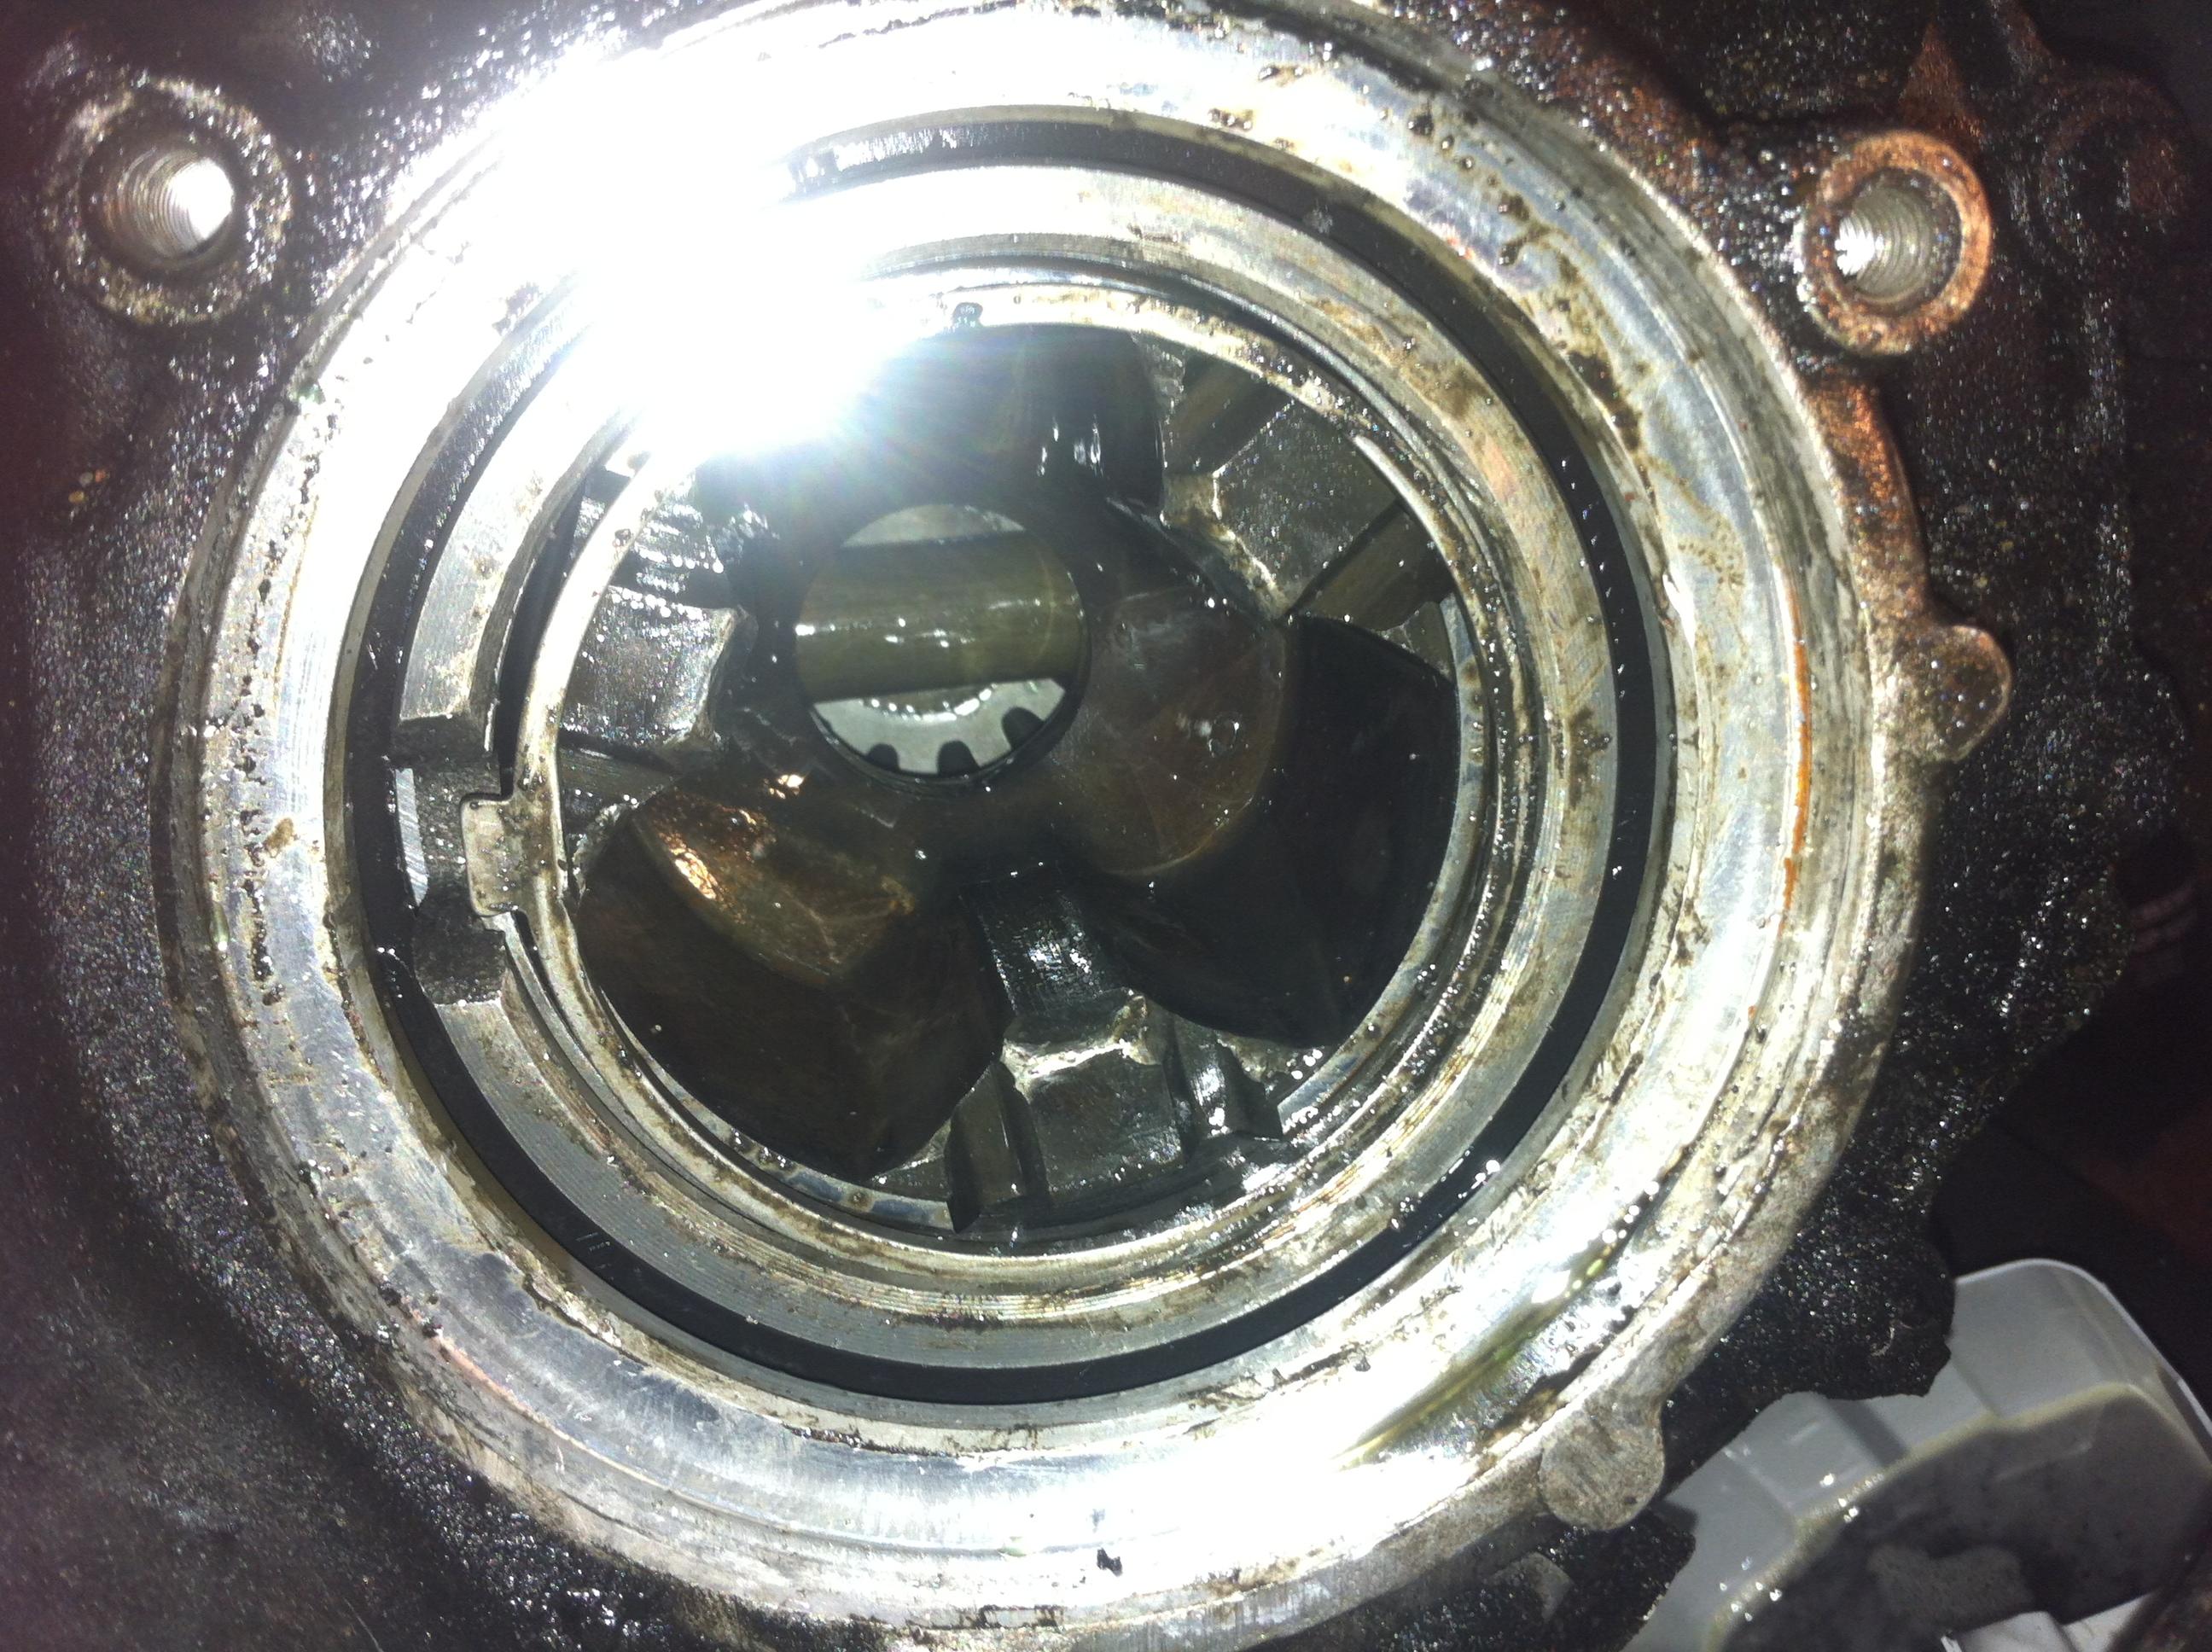 Bicie samochodu na boki pod g�r� i podczas obci��enia , uszkodzona skrzynia